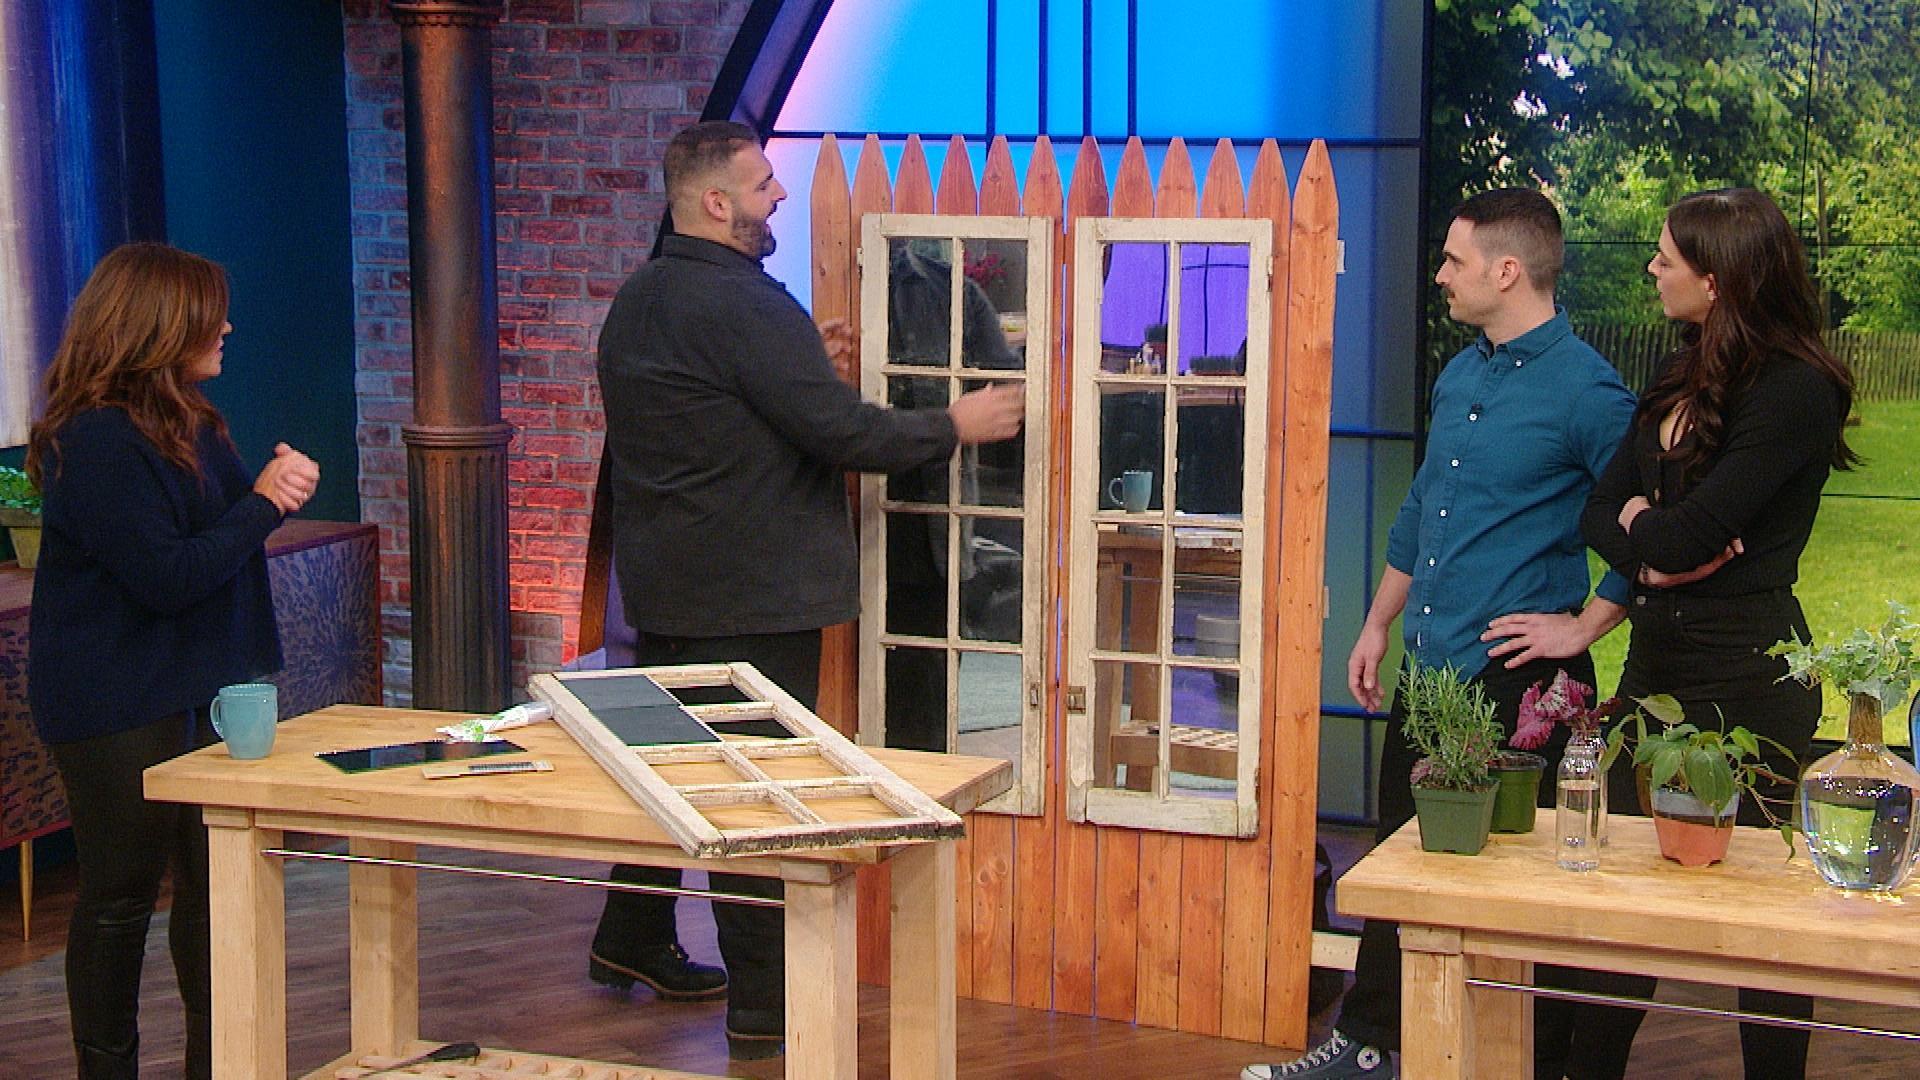 779034ed10 How To Make a DIY Garden Mirror | Rachael Ray Show